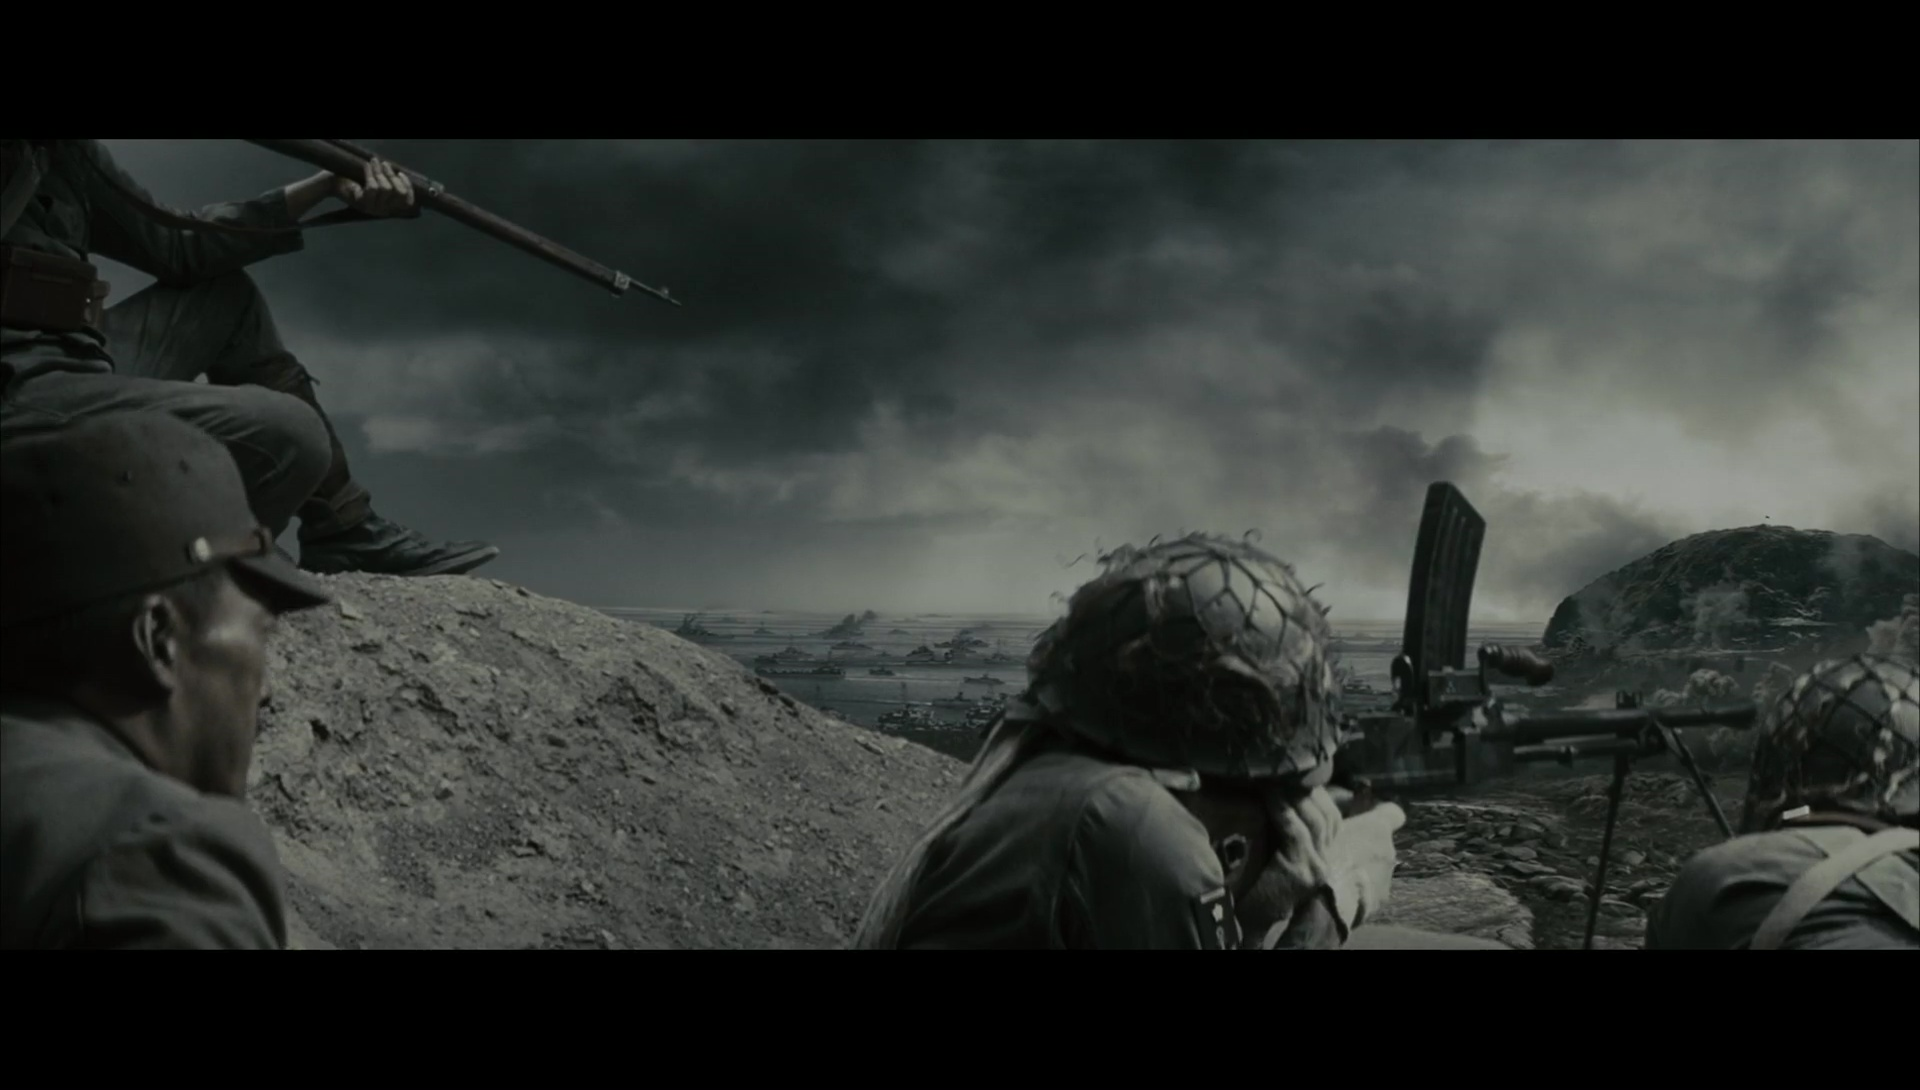 Cartas Desde Iwo Jima 1080p Lat-Cast-Ing 5.1 (2006)